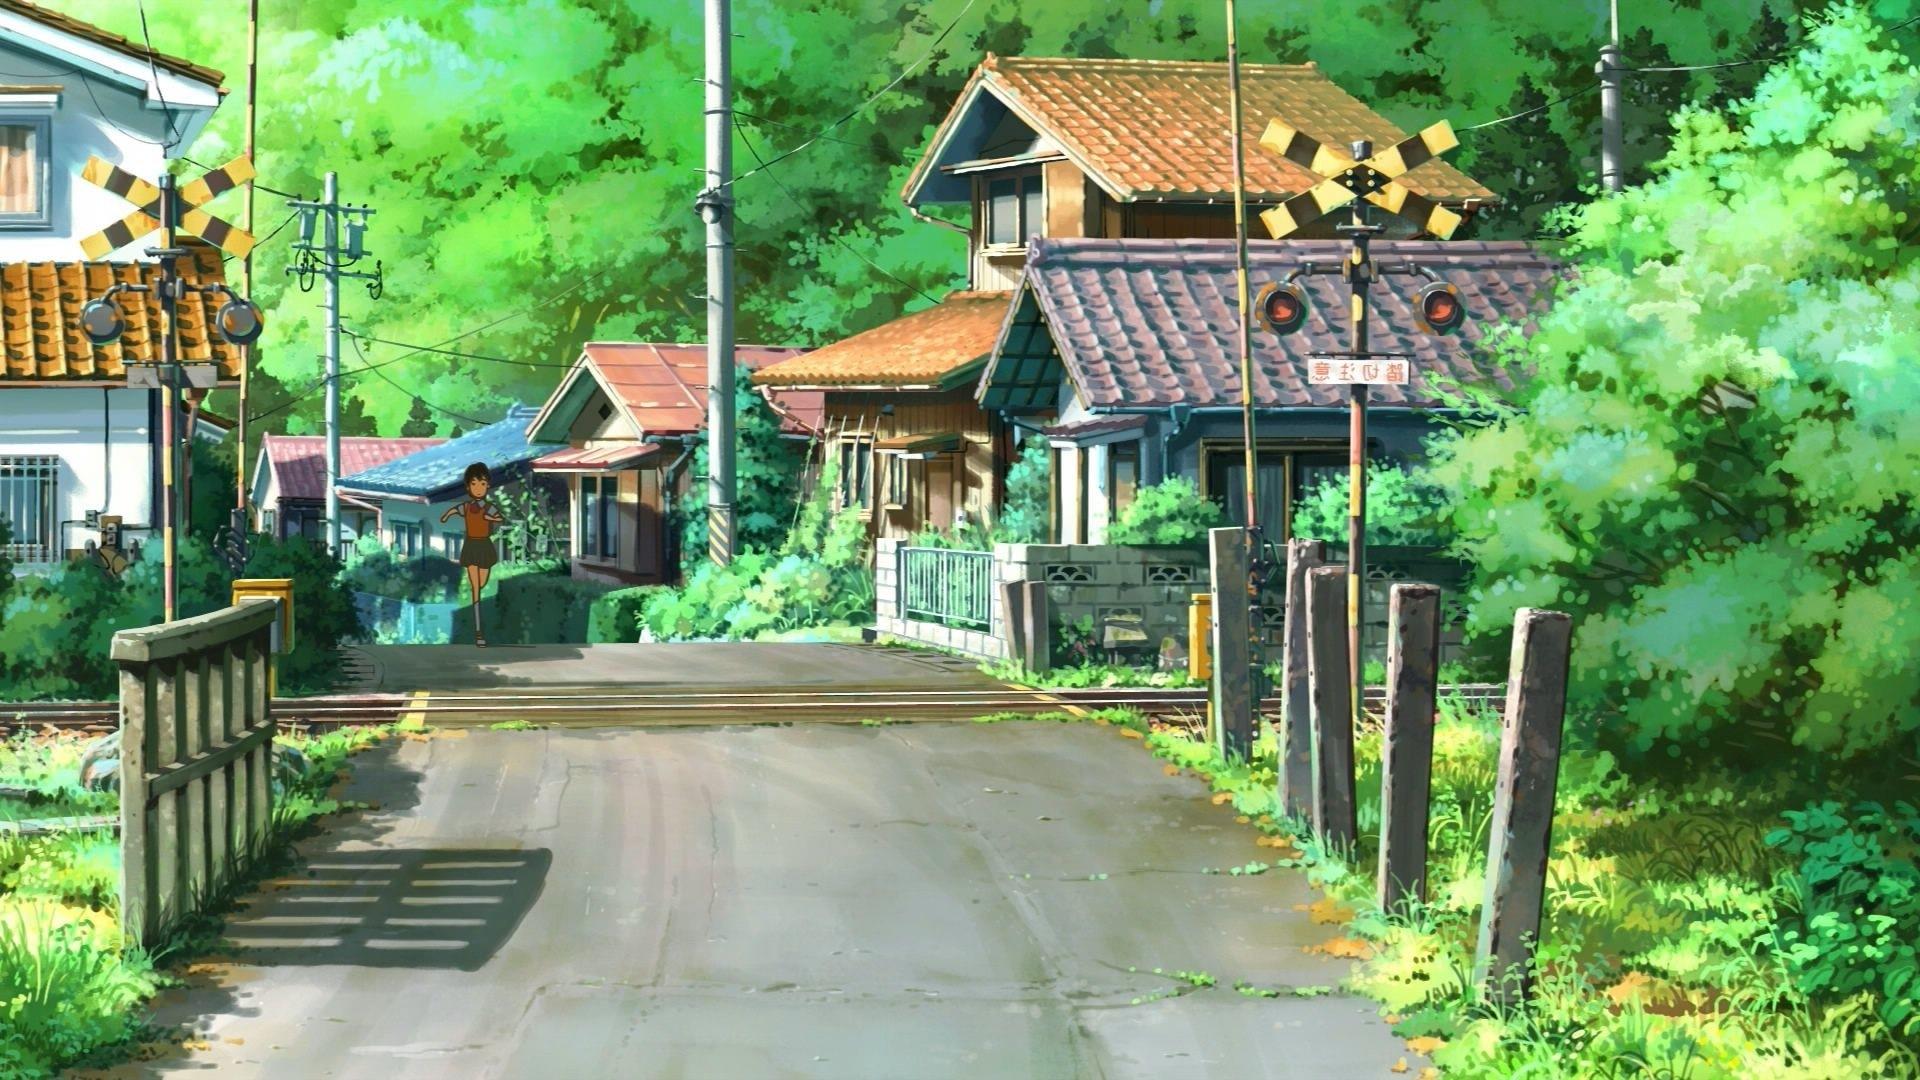 Leaf Village Desktop wallpaper